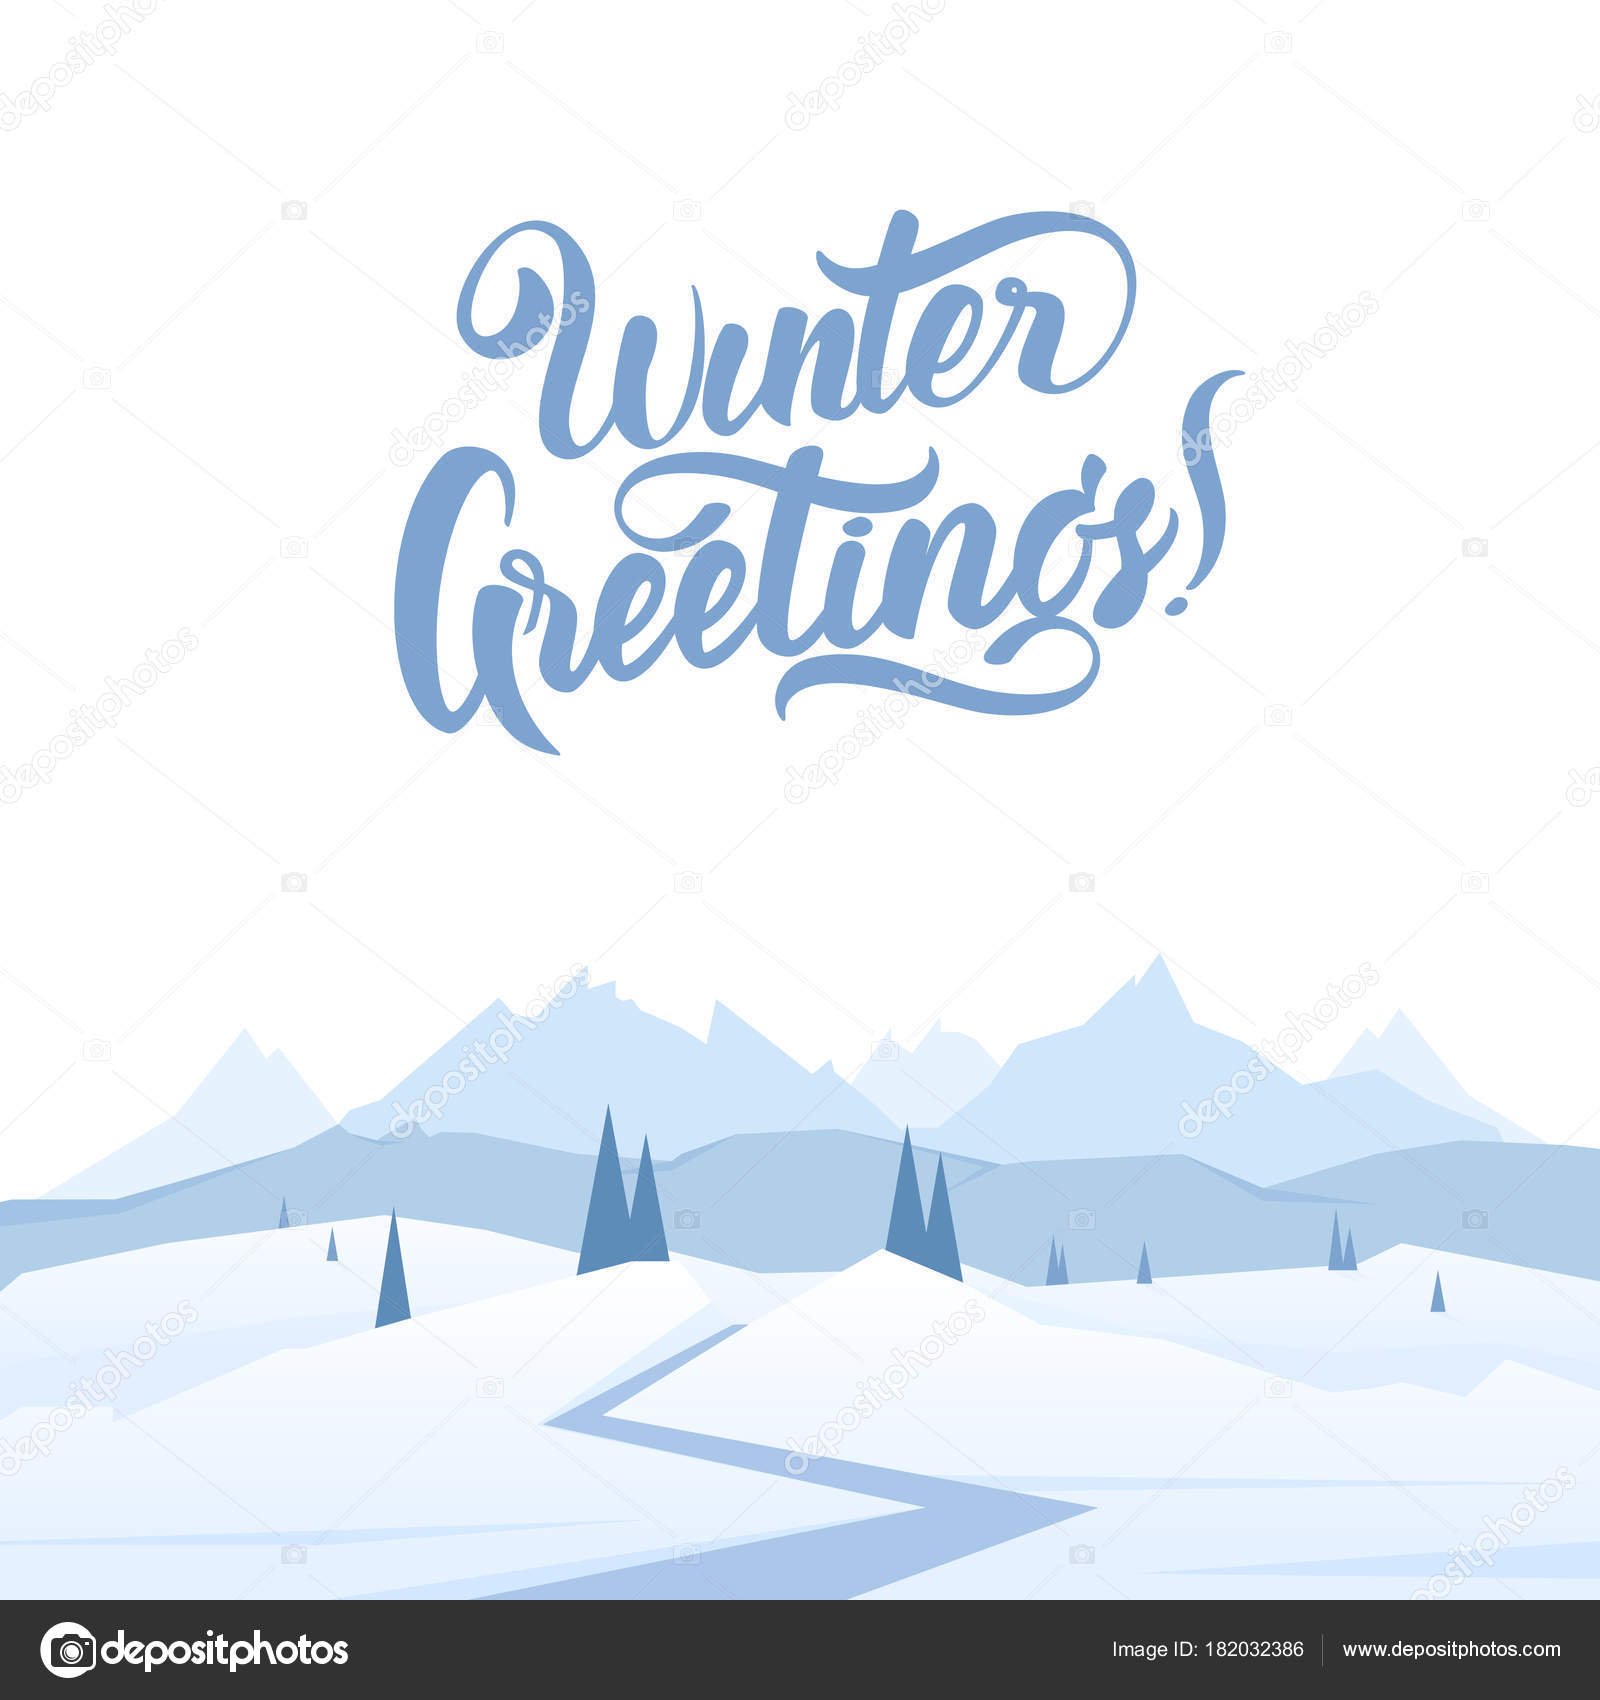 ベクトル イラスト 雪山道松丘のある風景し冬のご挨拶の